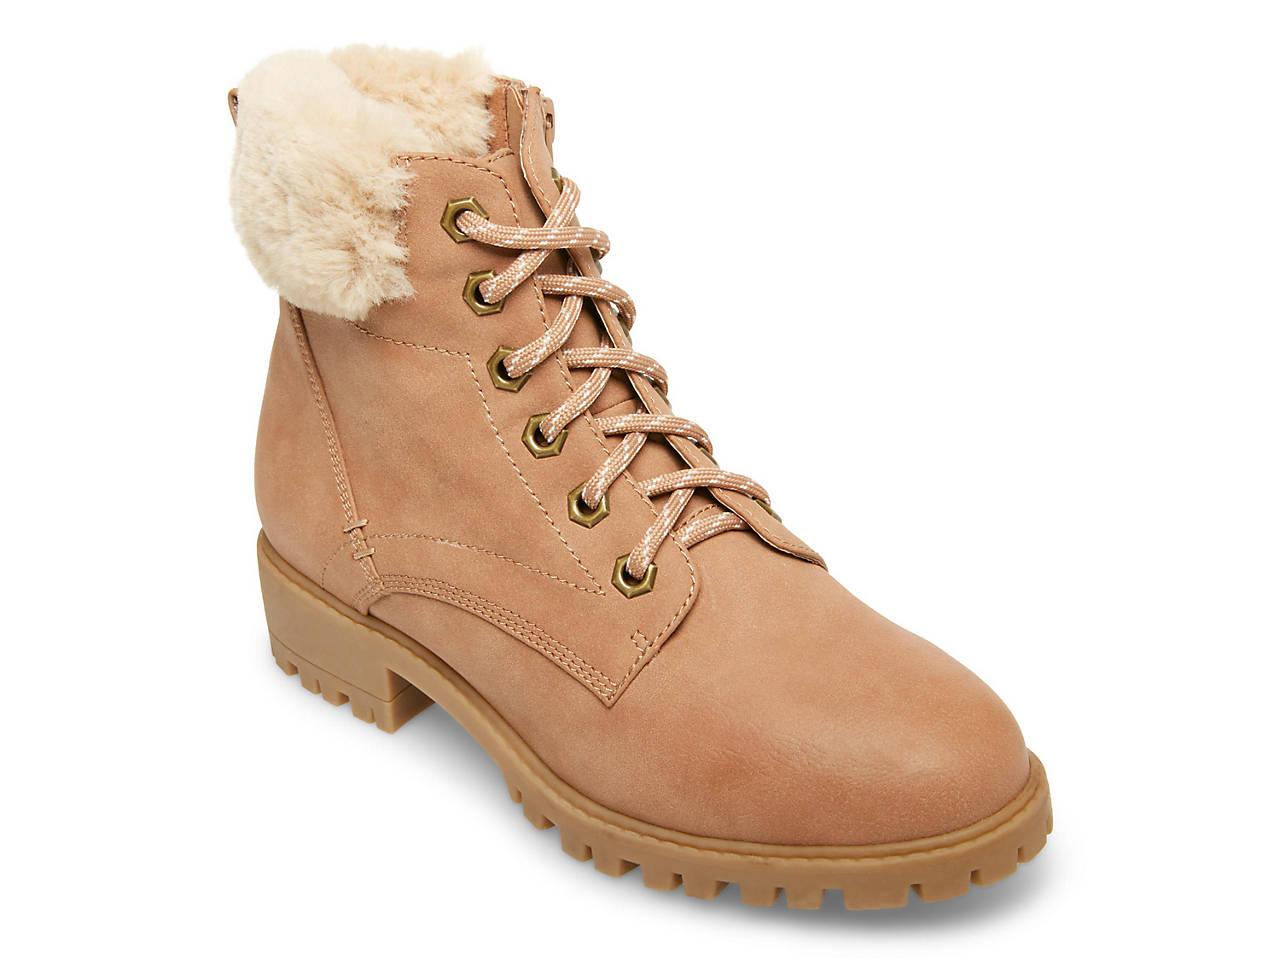 5d9e37630bc76d Madden Girl Fritz Bootie Women s Shoes